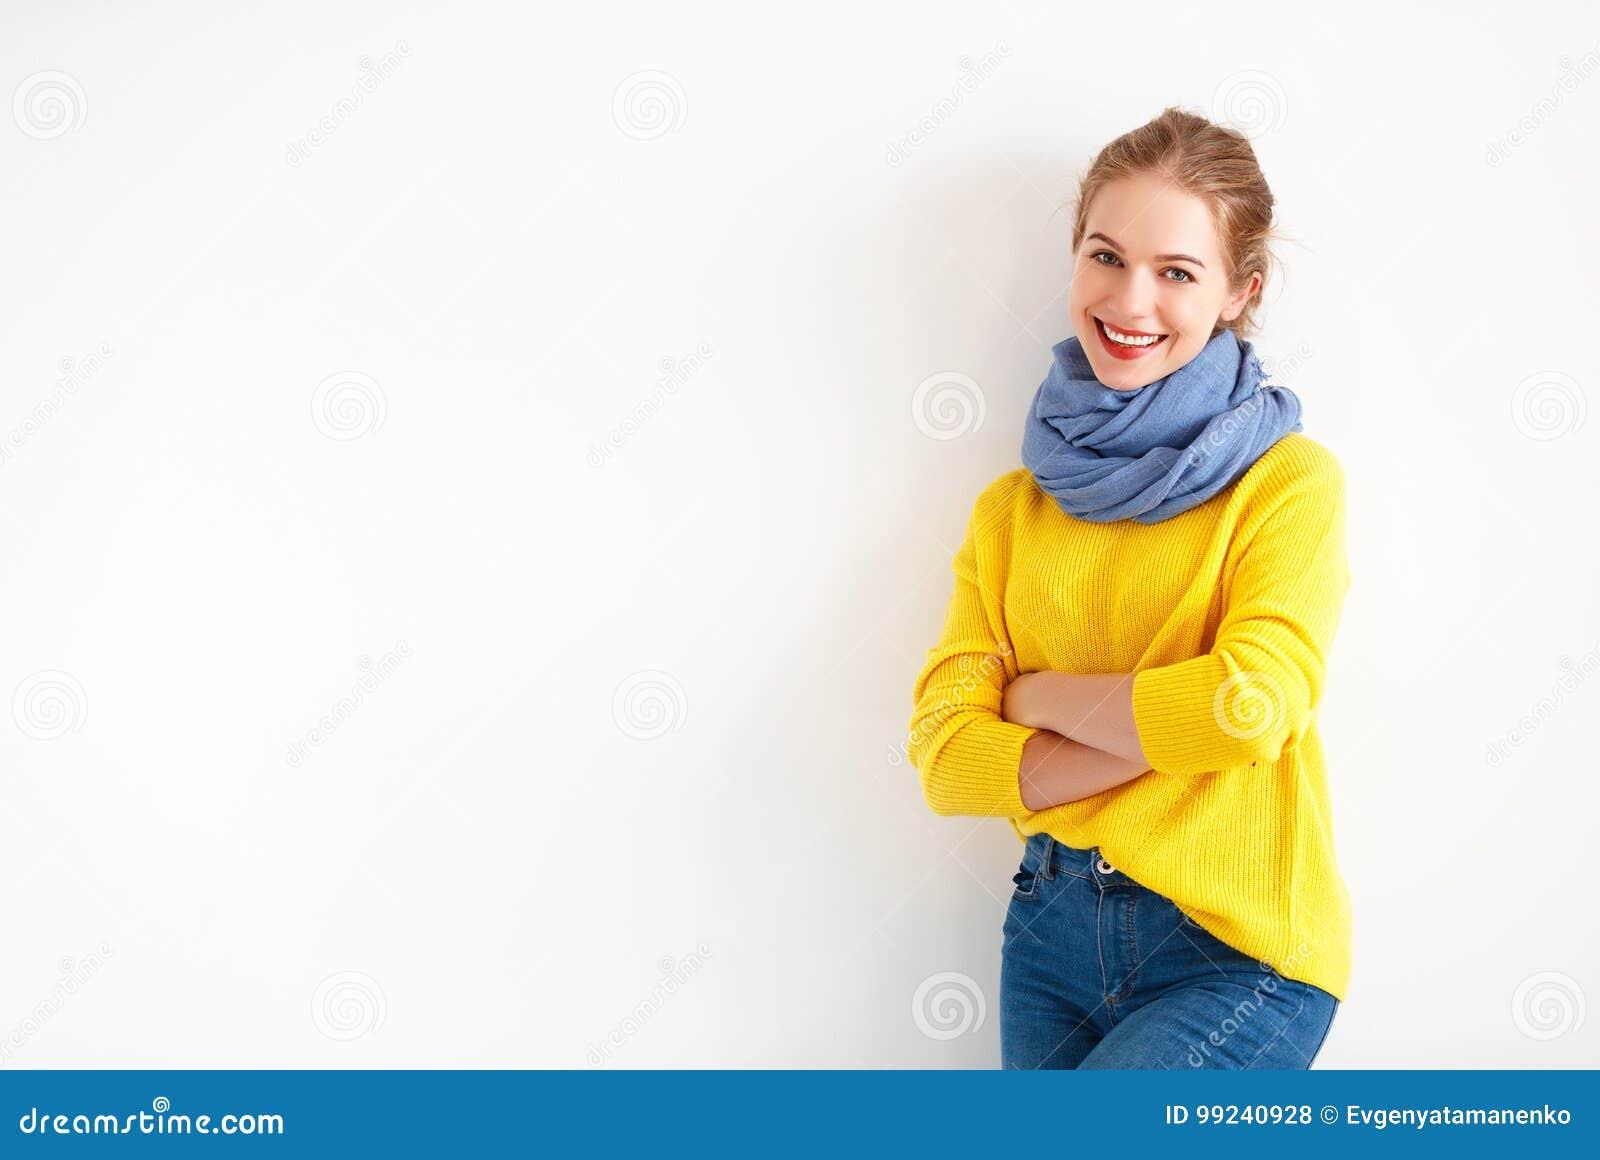 Glückliche junge Frau in der gelben Strickjacke auf weißem Hintergrund